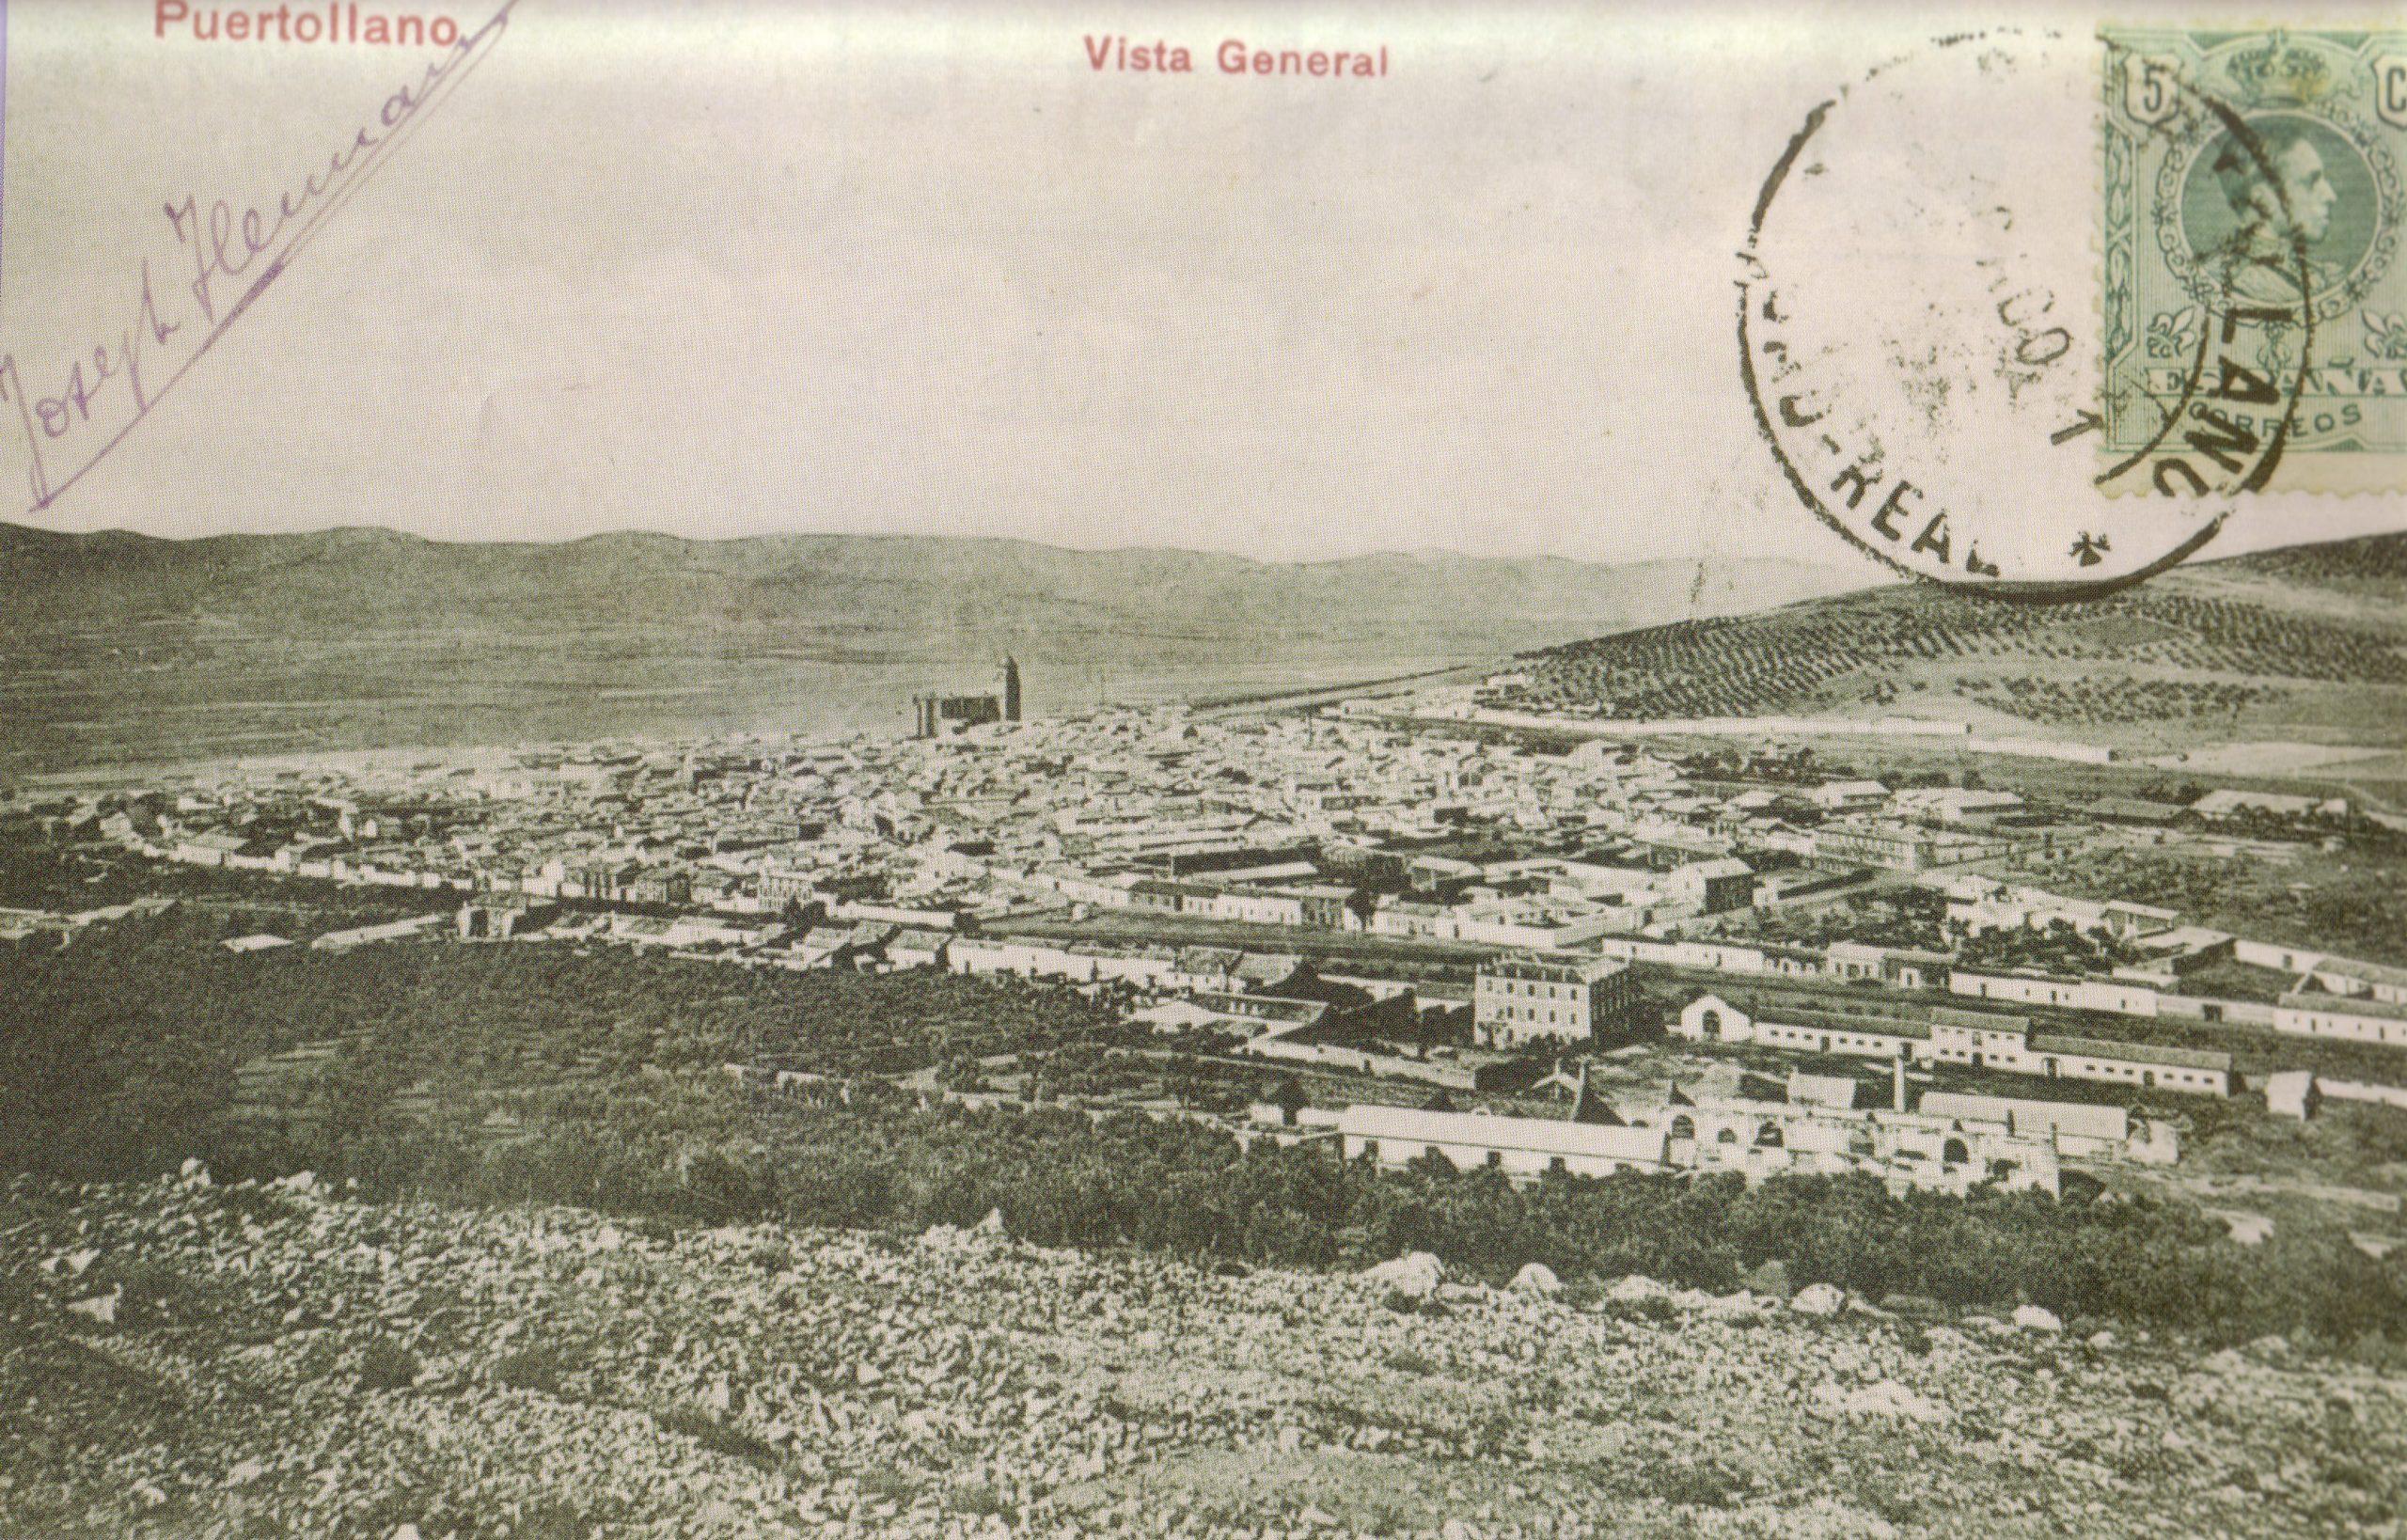 Vista General de la ciudad de Puertollano en 1911. Fototeca Centro Estudios Castilla la Mancha